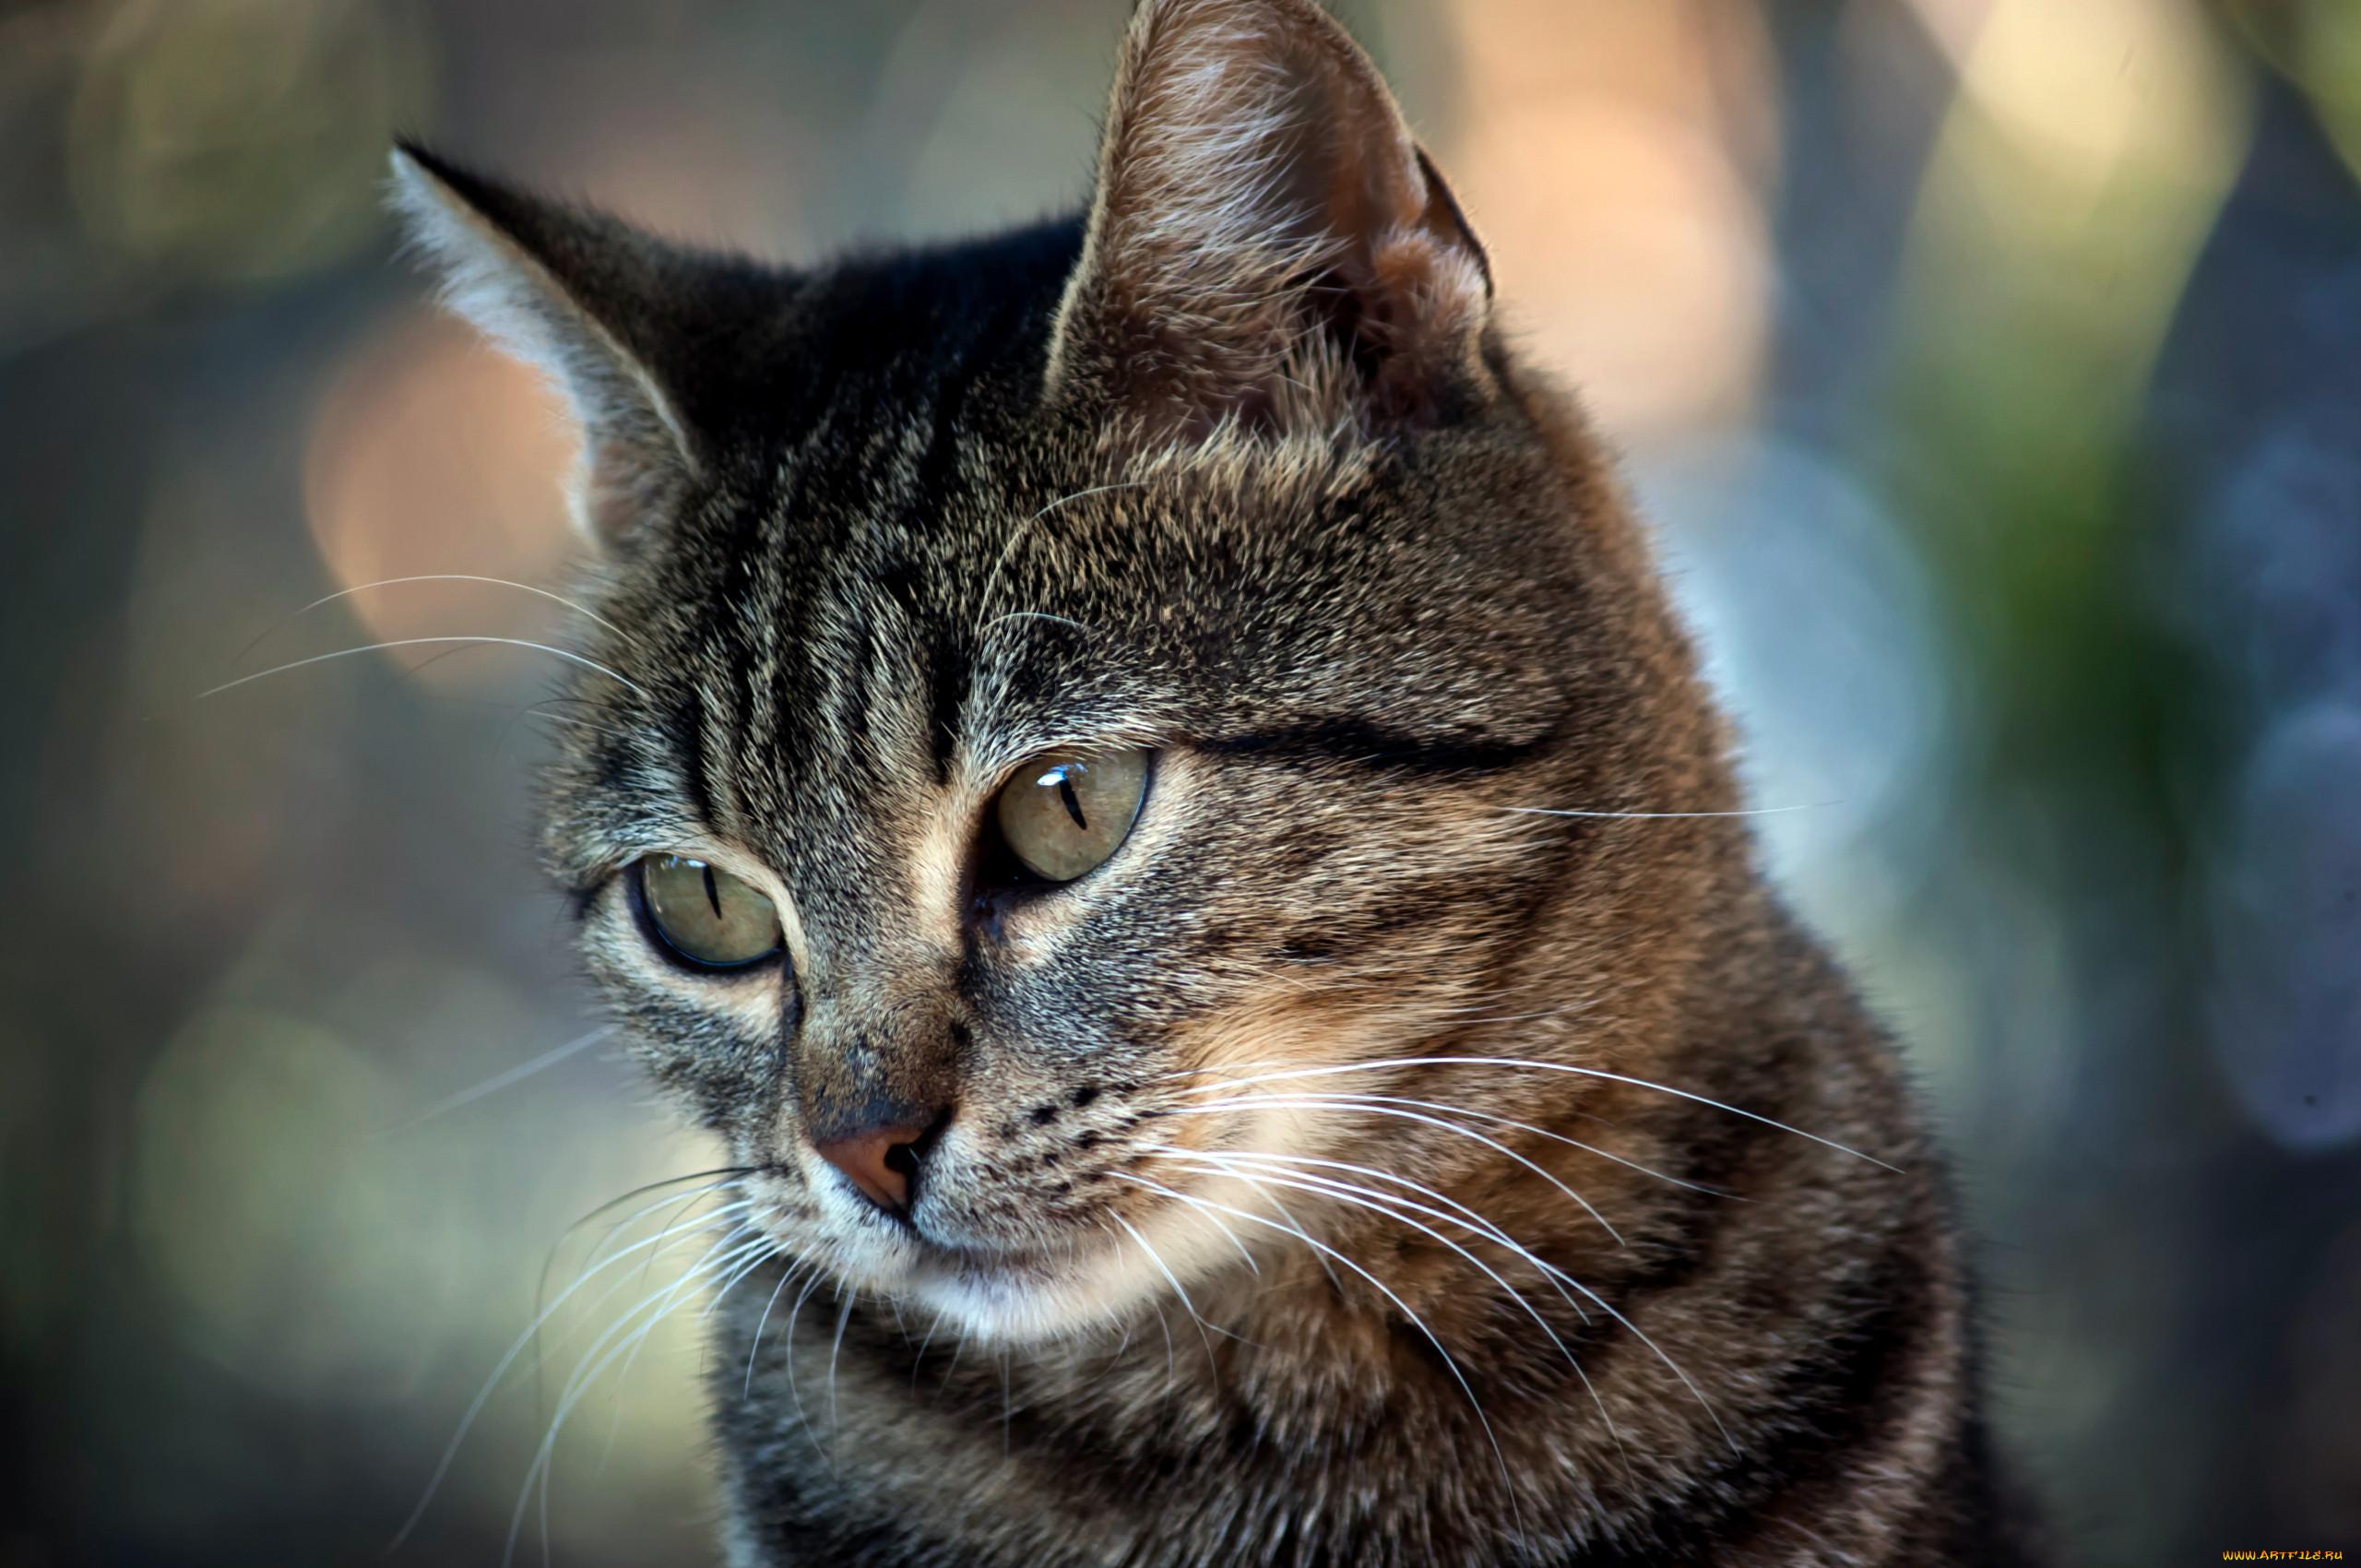 поклонников отличные картинки котов как актер